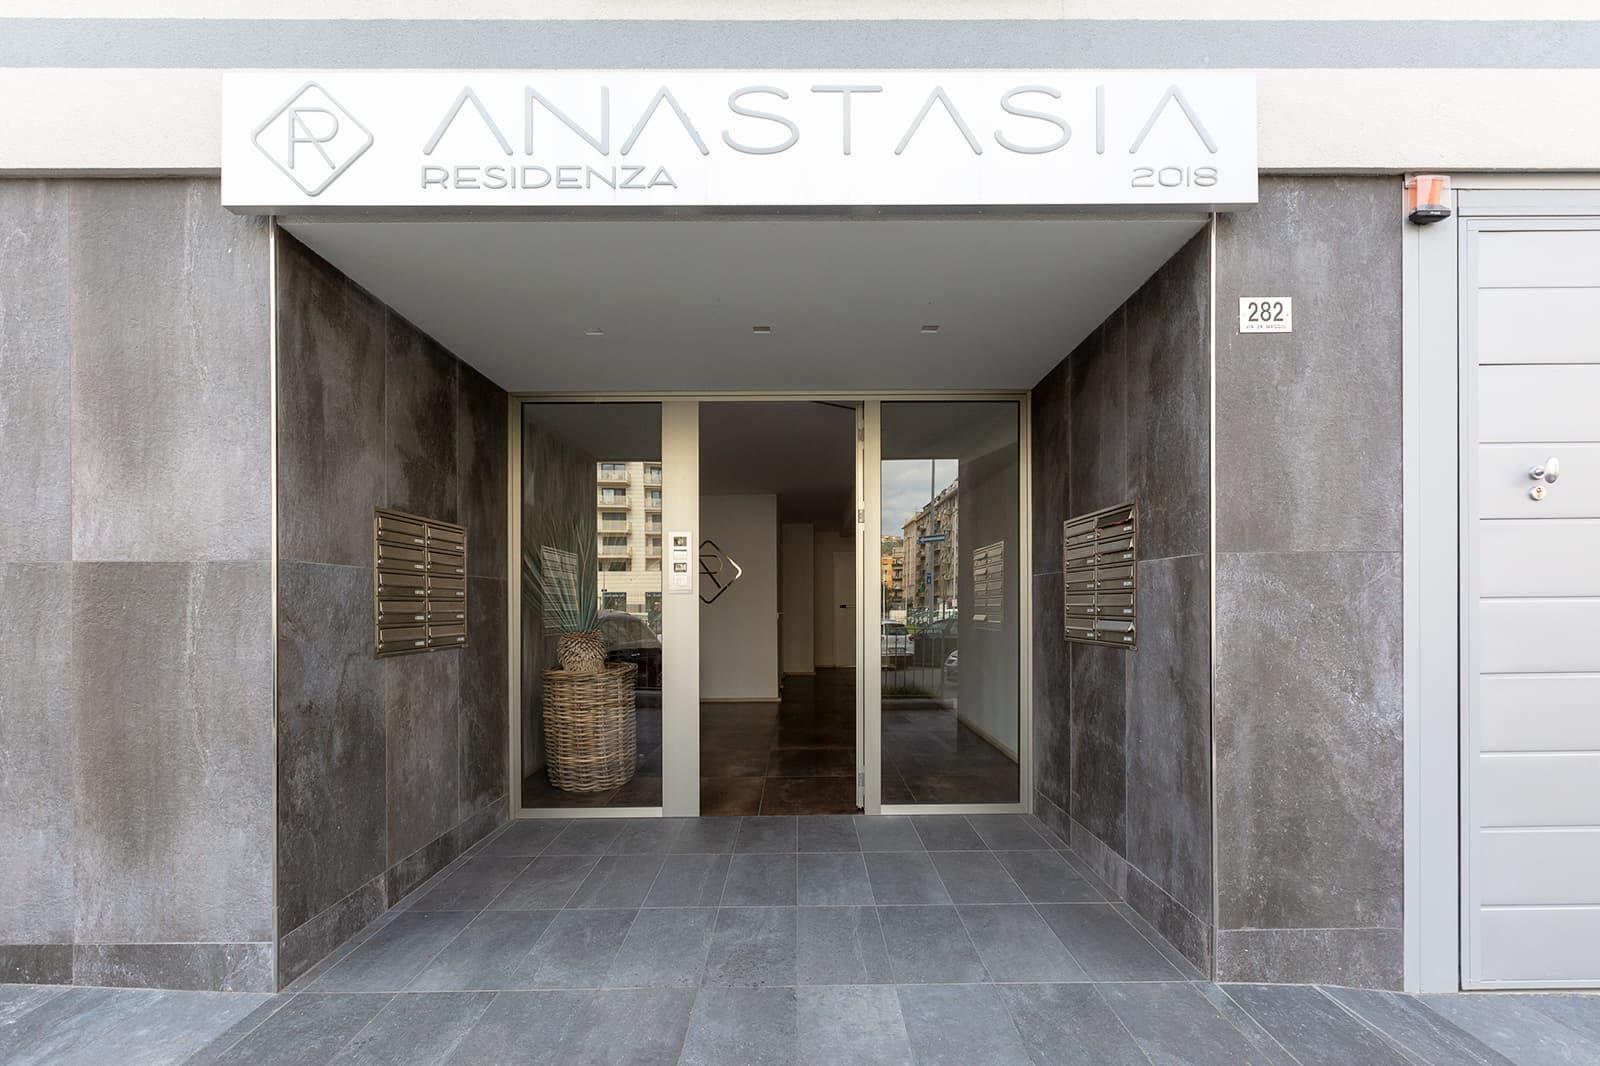 Anastasia ingresso